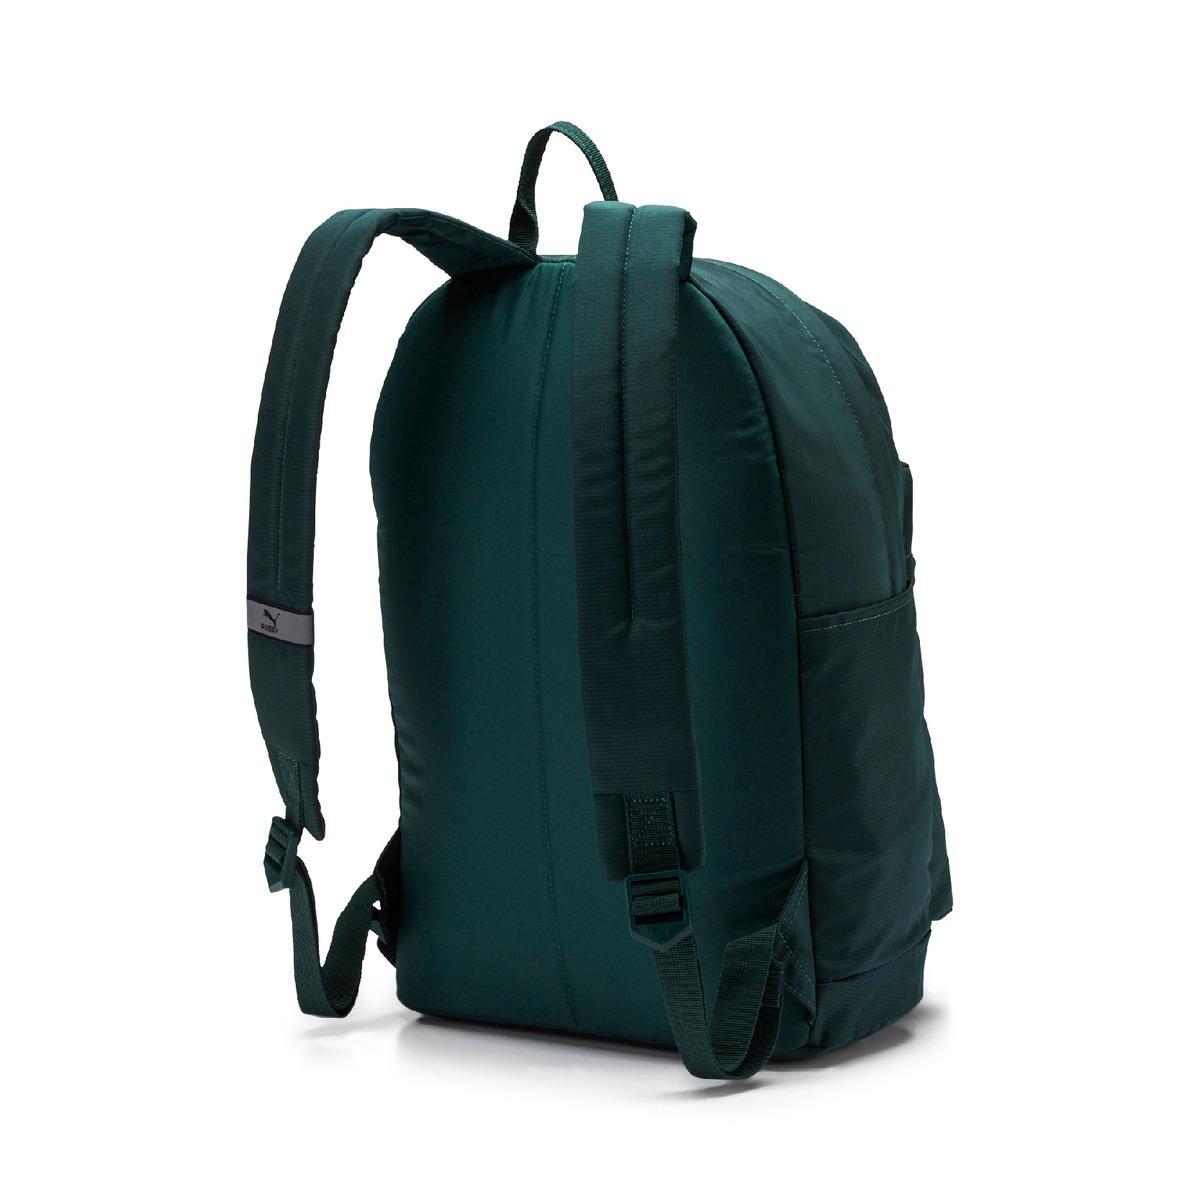 ... Originals Backpack for Men - Lyst. View fullscreen 573f35bb2e9da